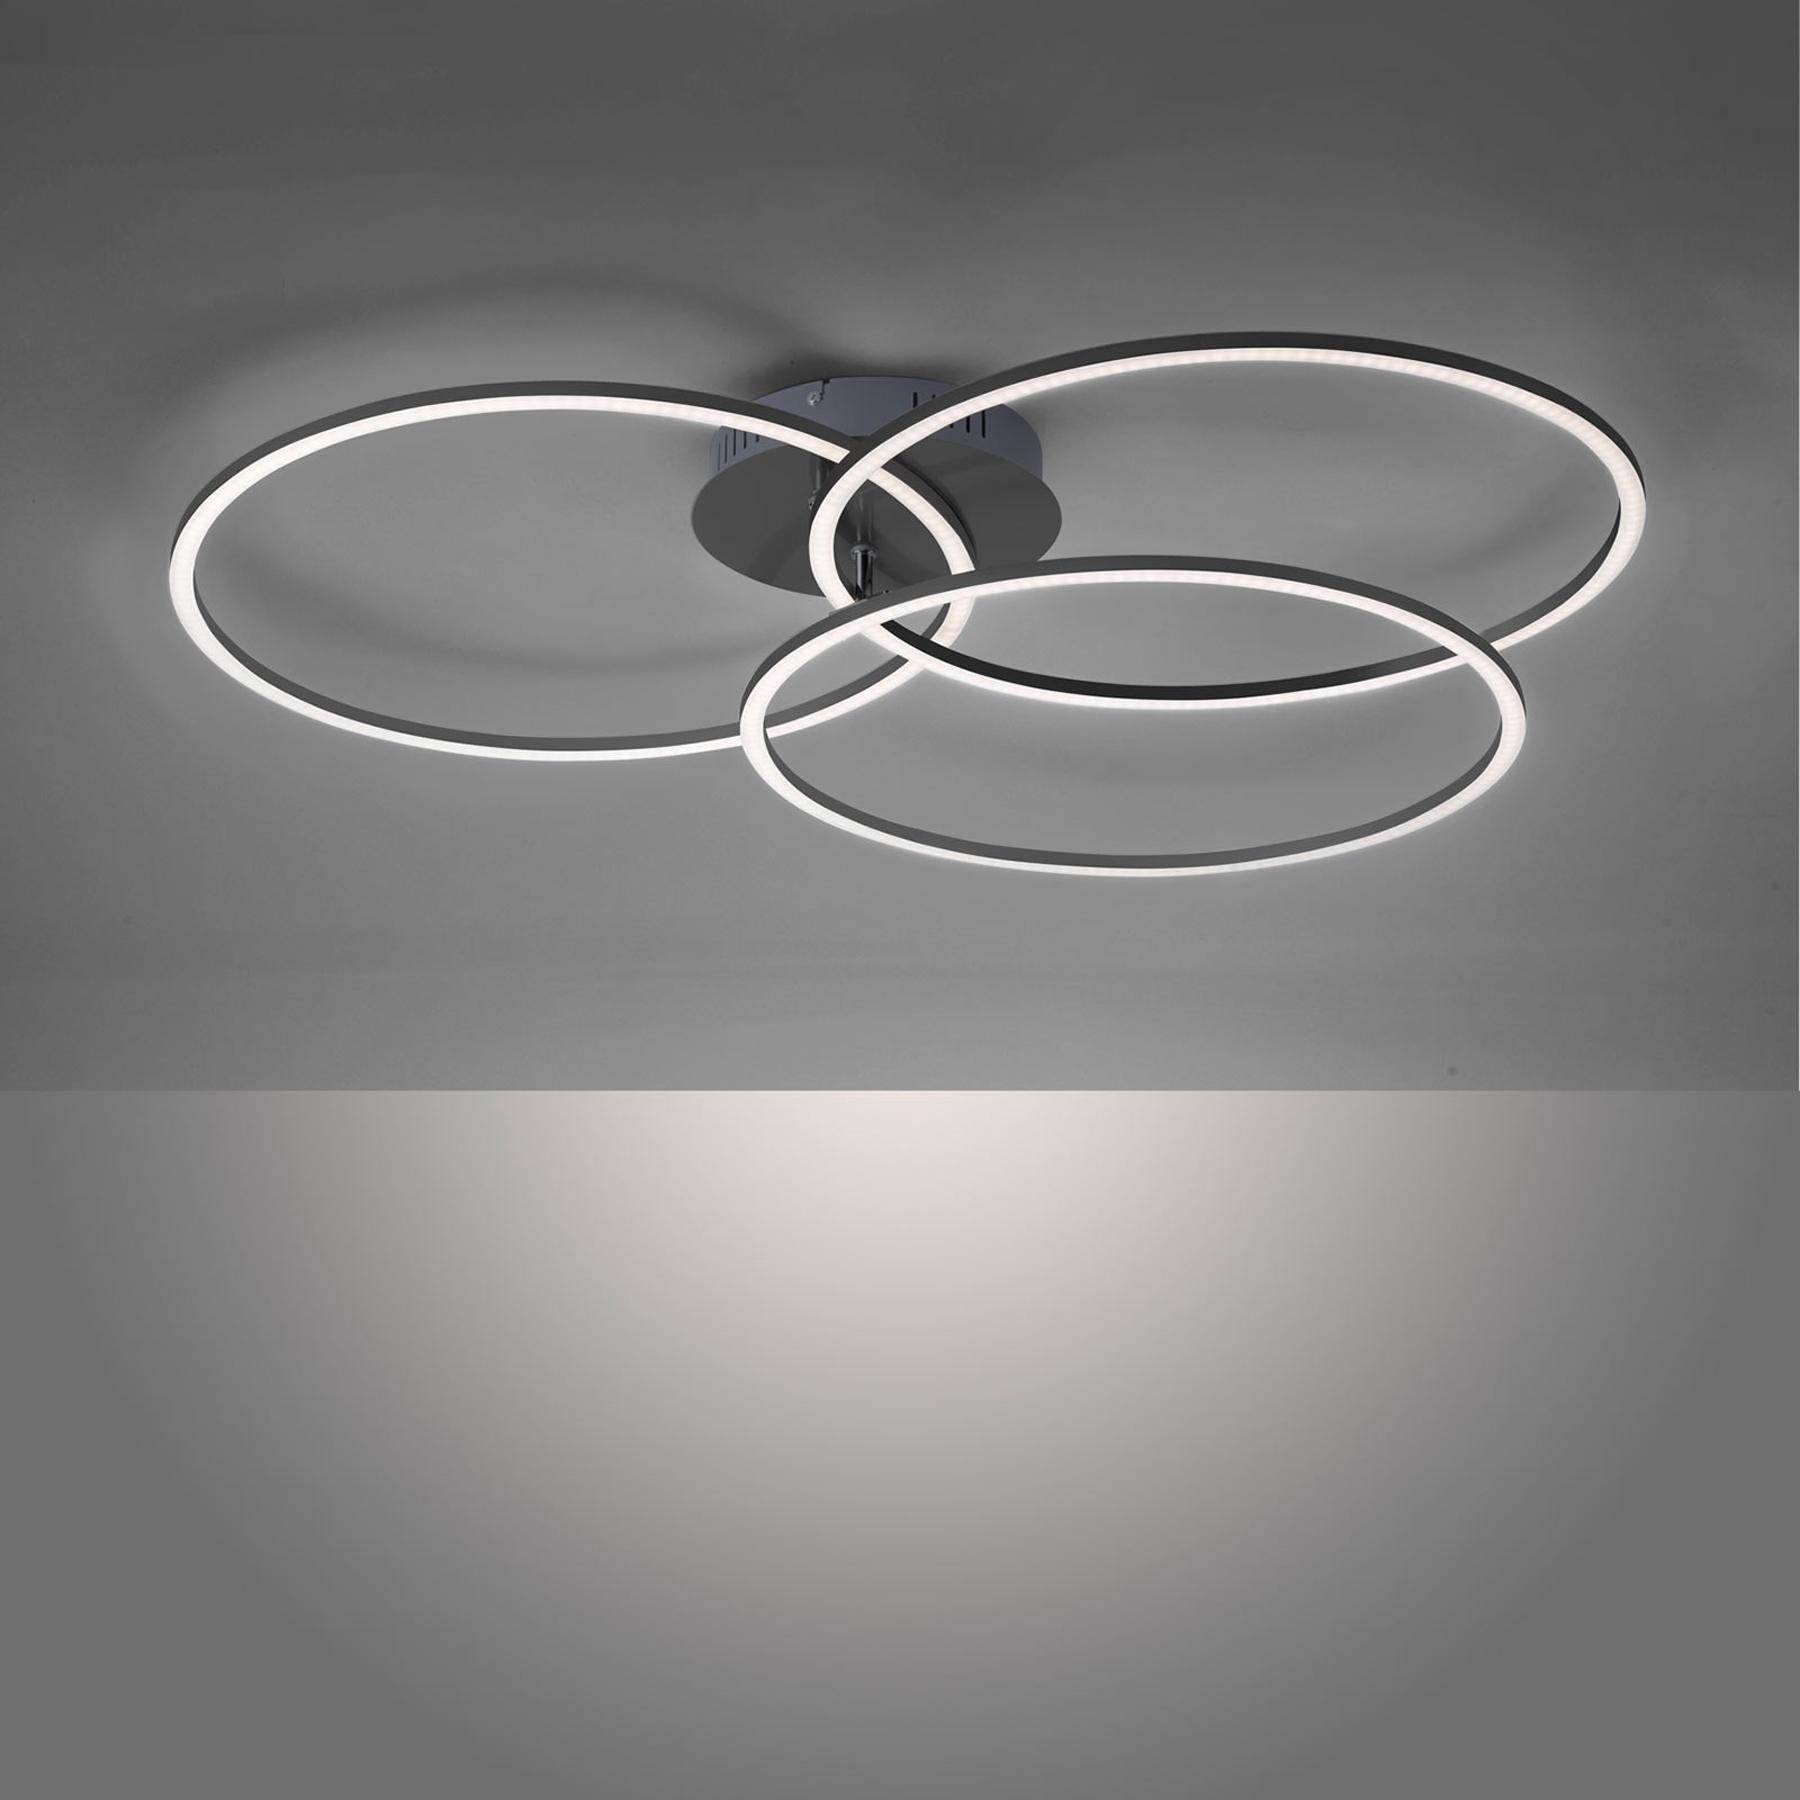 Lampa sufitowa LED Ivanka trzy pierścienie, czarna